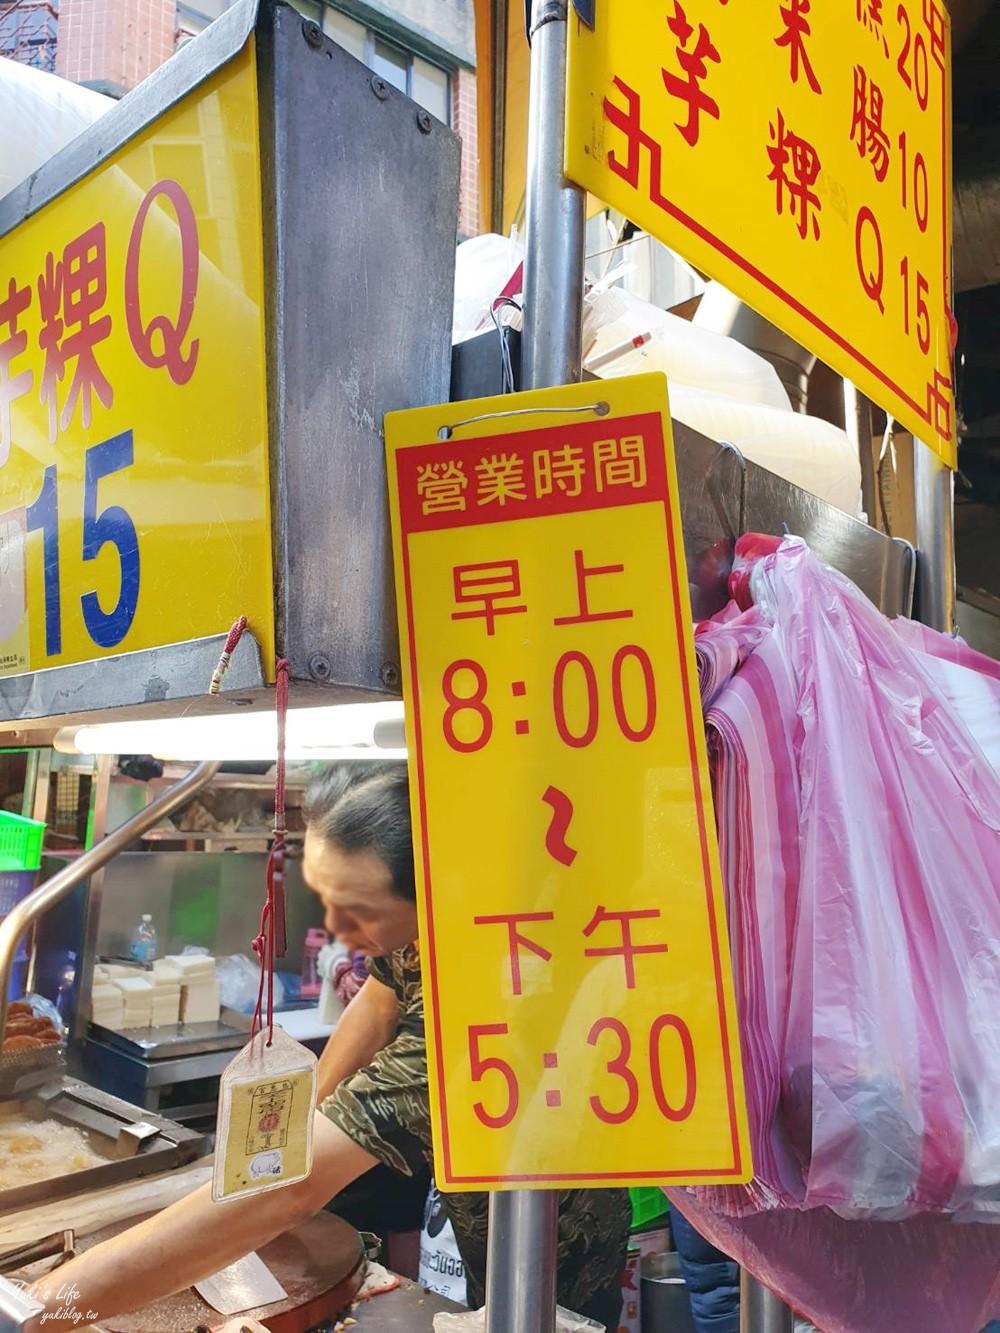 板橋美食》高記生炒魷魚.蘿蔔糕糯米腸~黃石市場銅板美食,一整套100元有找!(捷運府中站) - yukiblog.tw